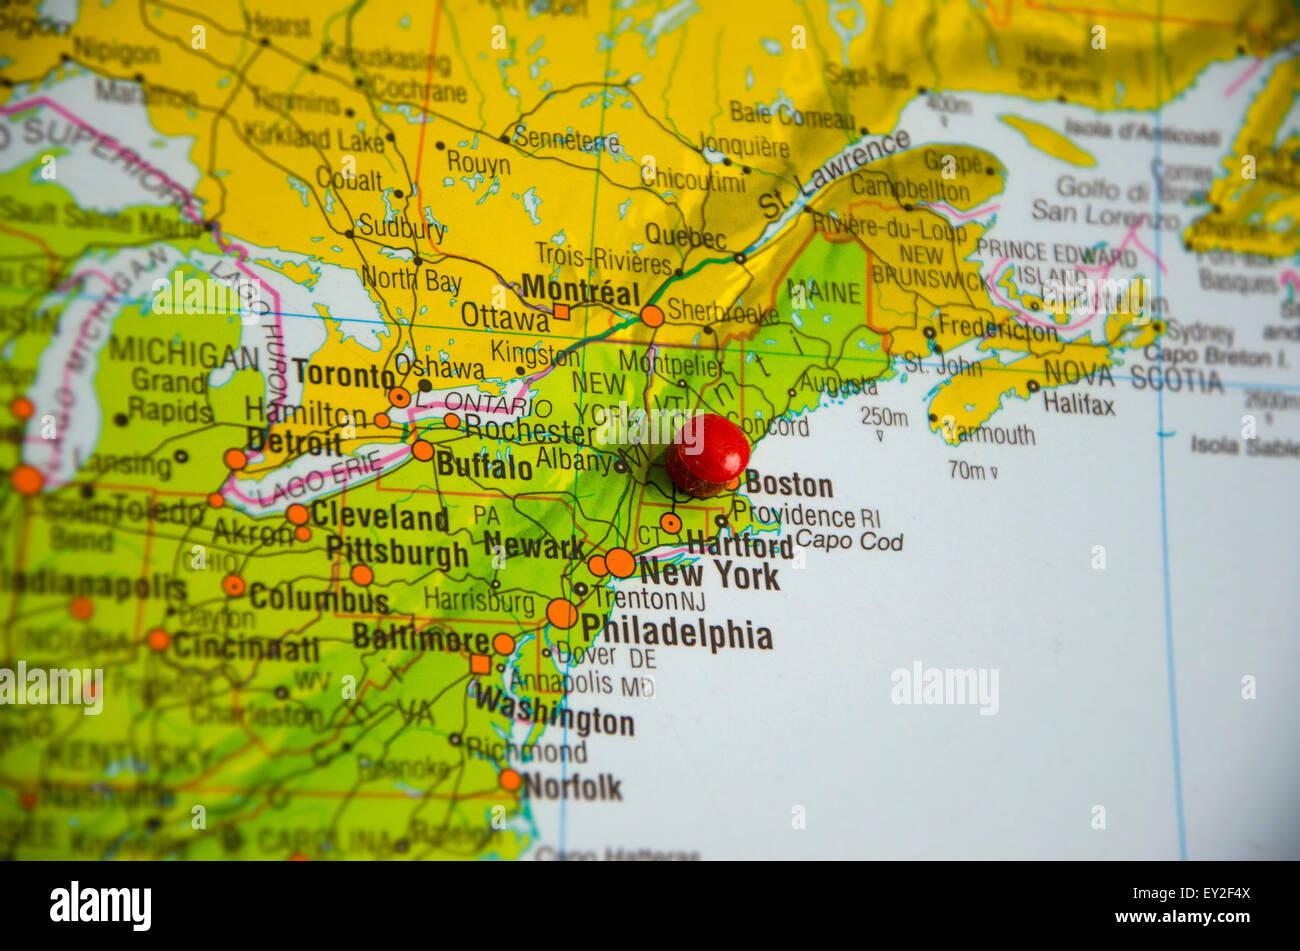 Boston Cartina Stati Uniti.Segnaposto Della Citta Di Boston Nella Mappa Degli Stati Uniti Costa Est Mappa Foto Stock Alamy